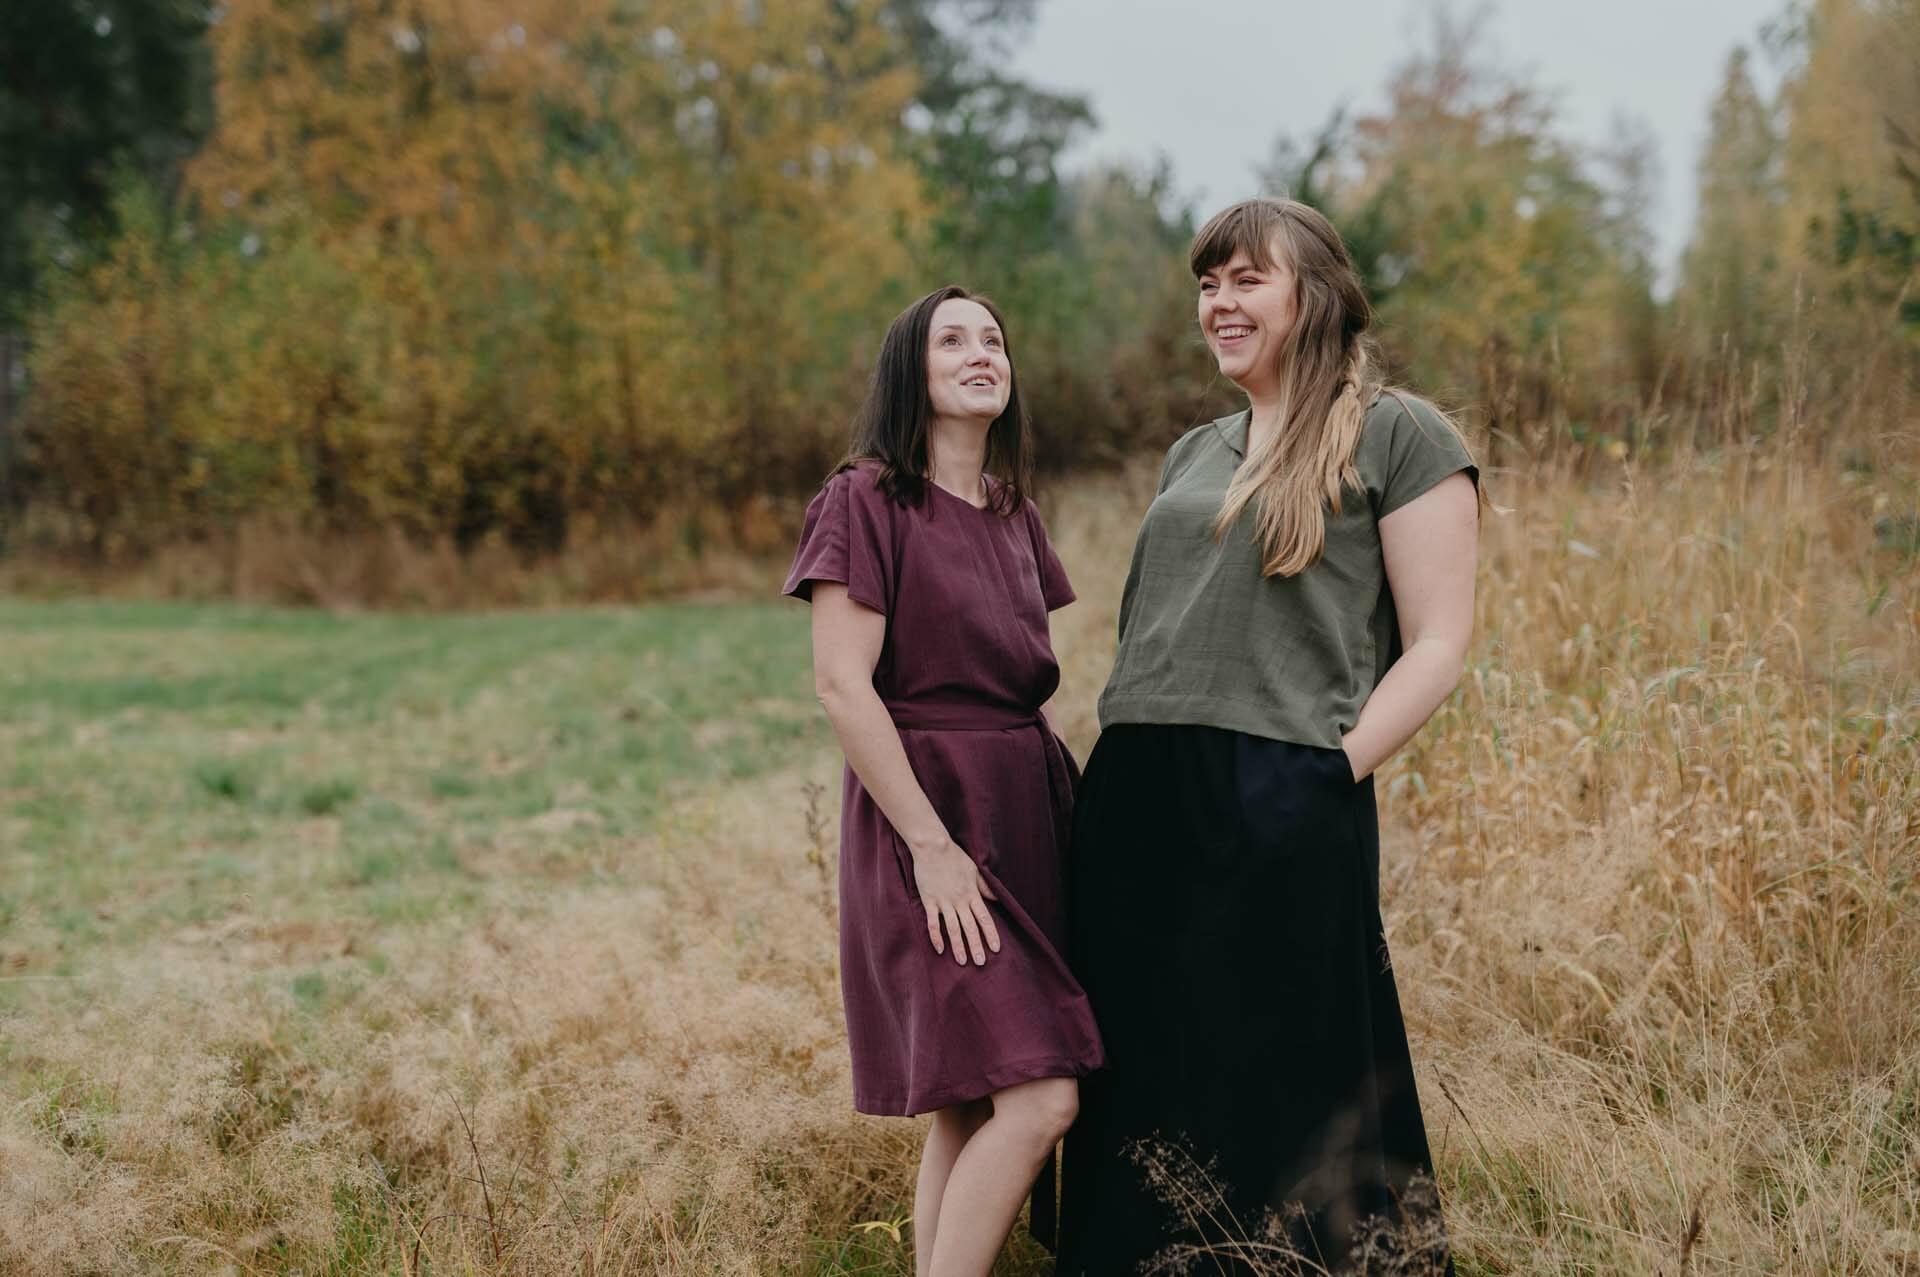 kvinnor på åker i finland i grön top och svart lång kjol som är sydda av RESTYEL syatelje.